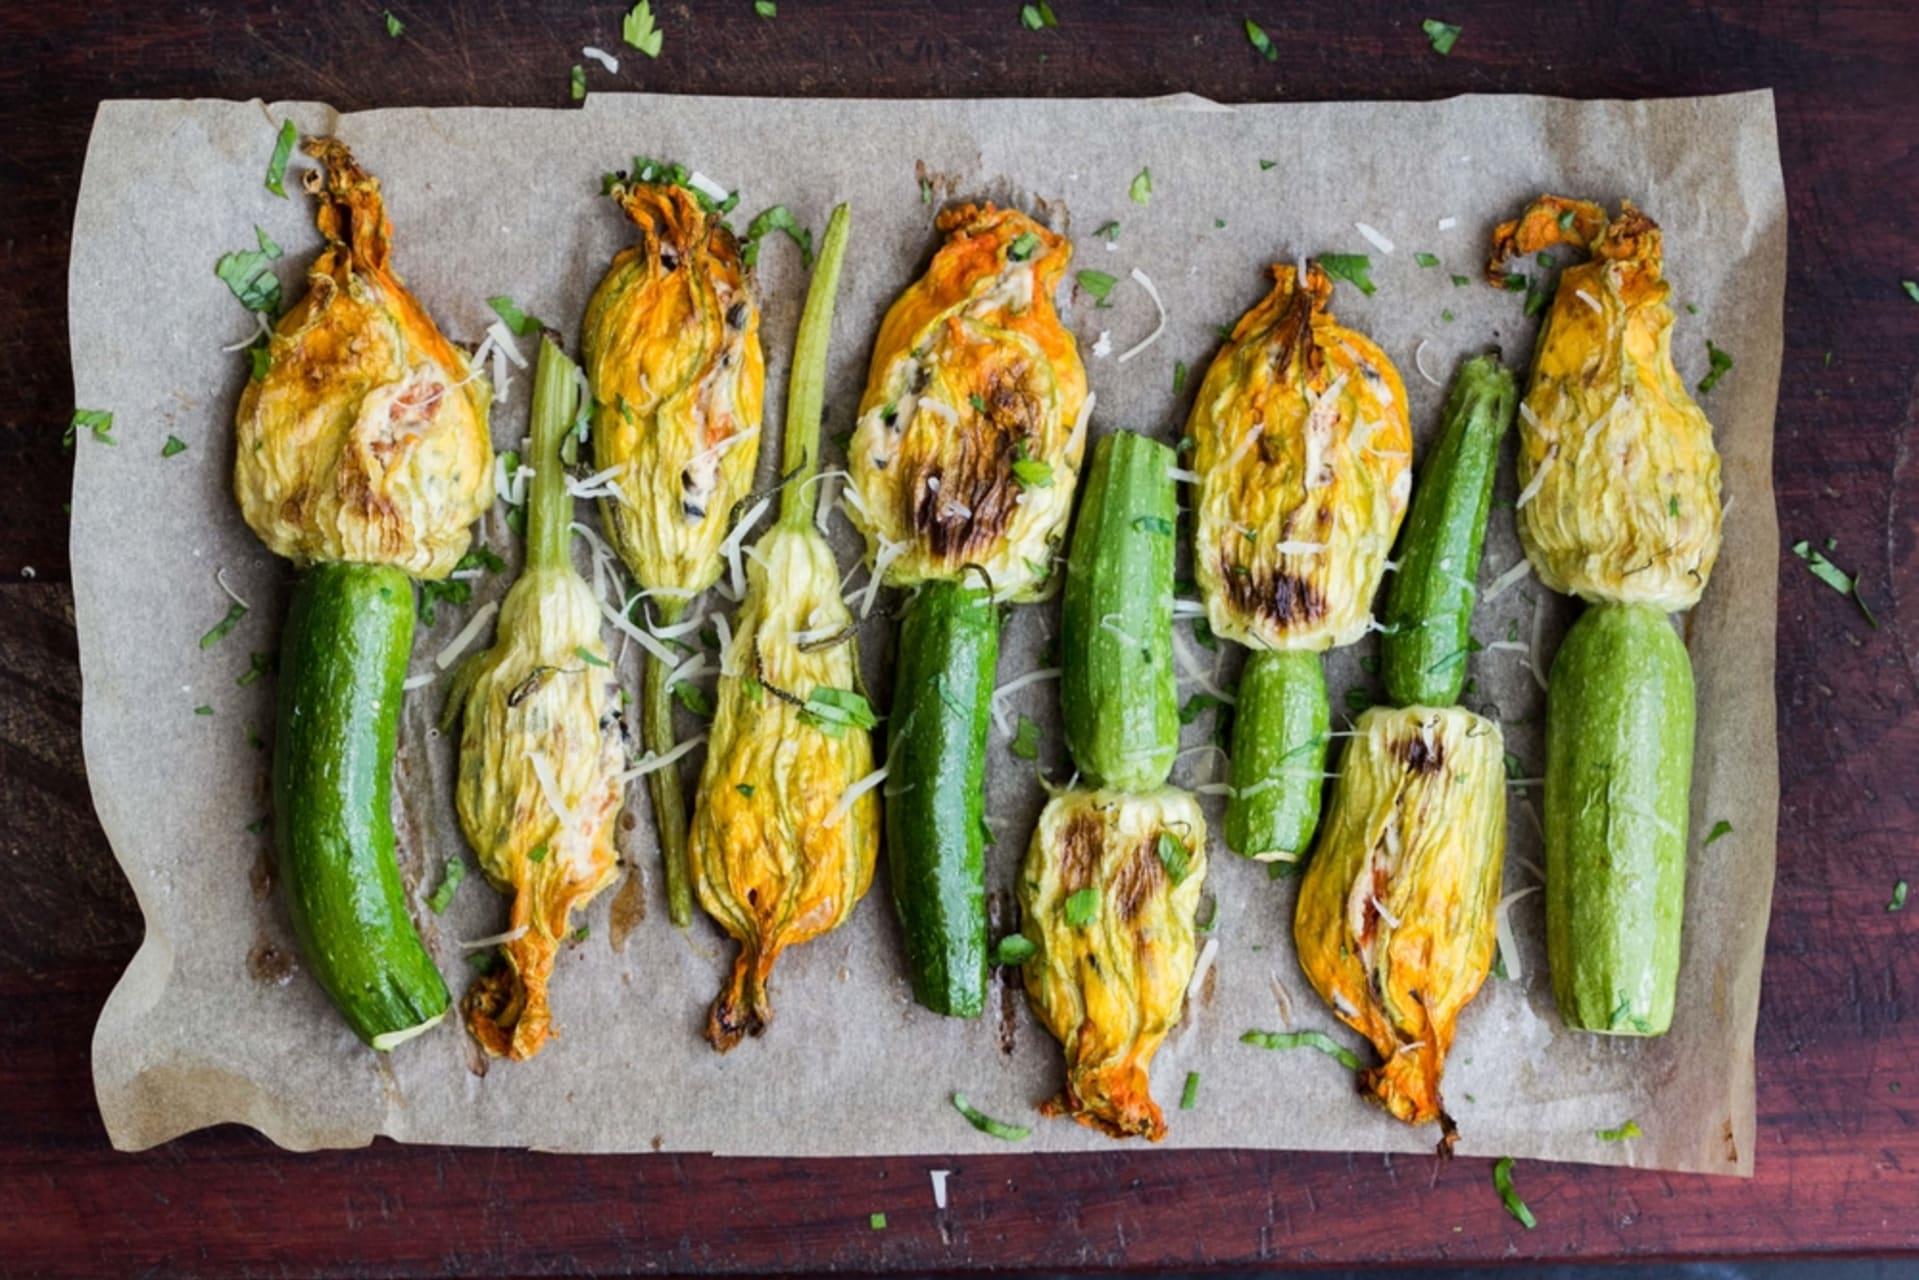 Rome - Stuffed zucchini flowers recipe